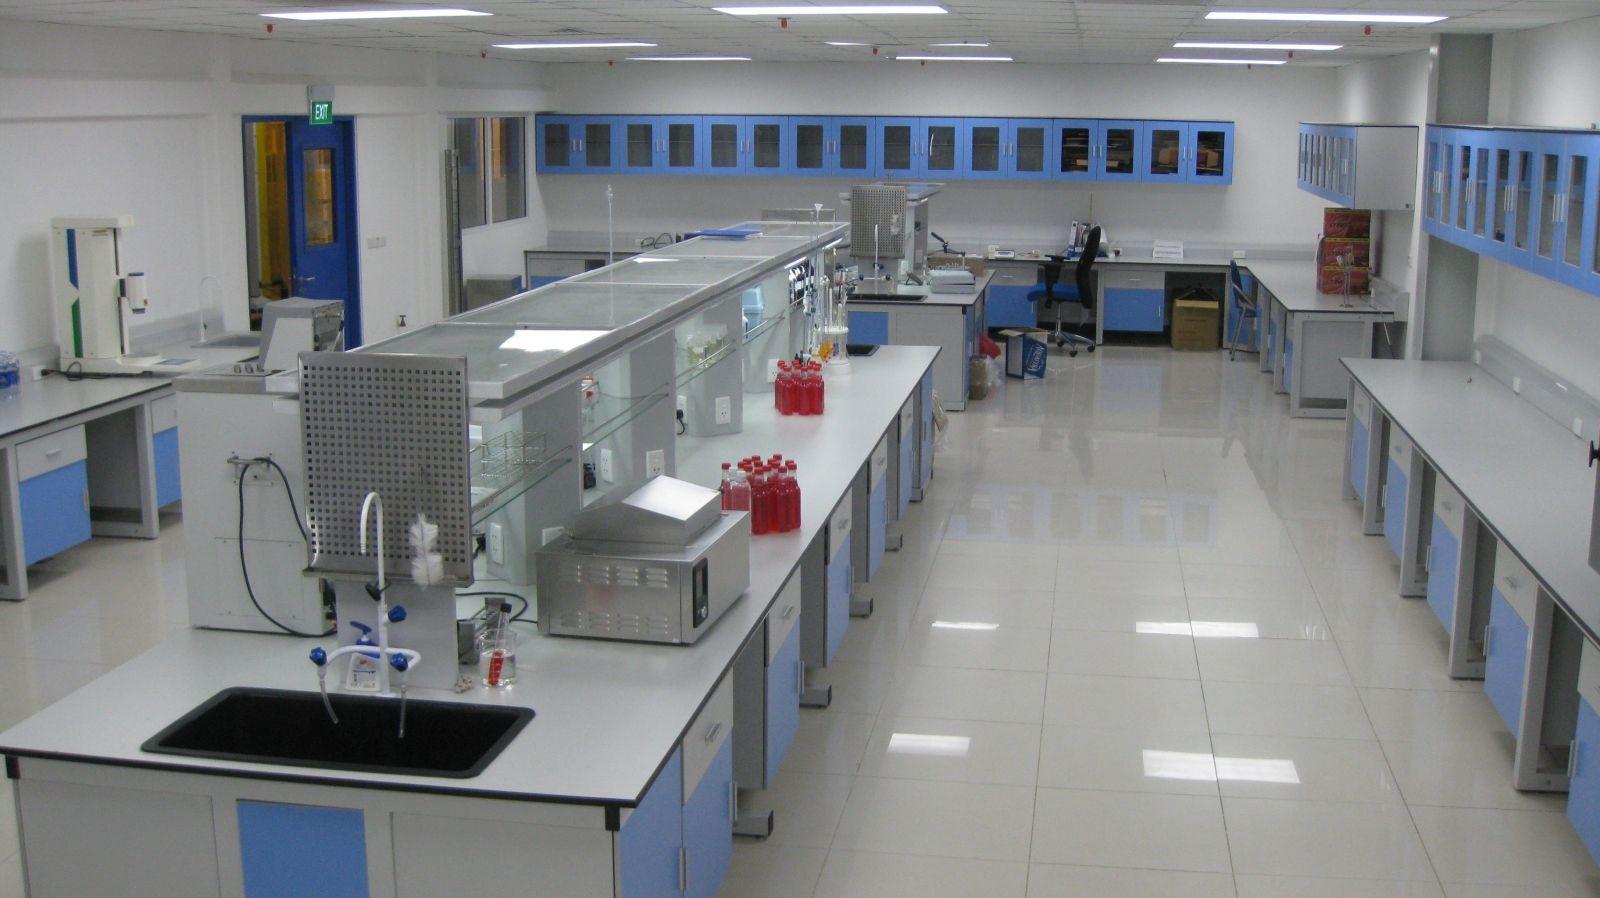 VIETCHEM chuyên tư vấn, thiết kế và lắp đặt các loại thiết bị trong phòng thí nghiệm